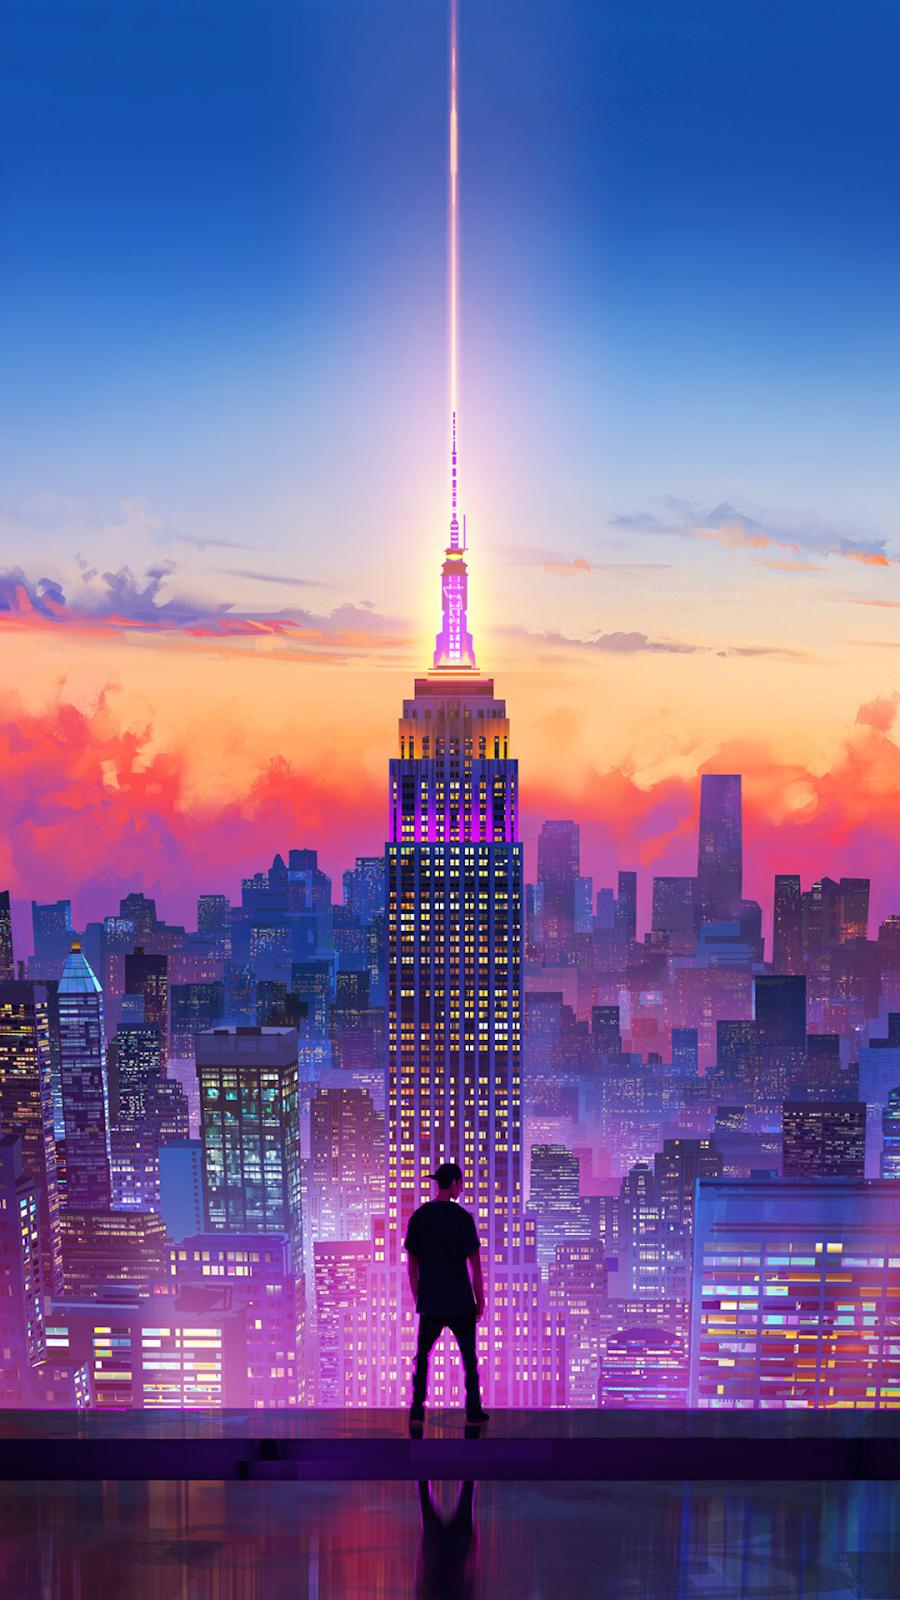 Alone walker city